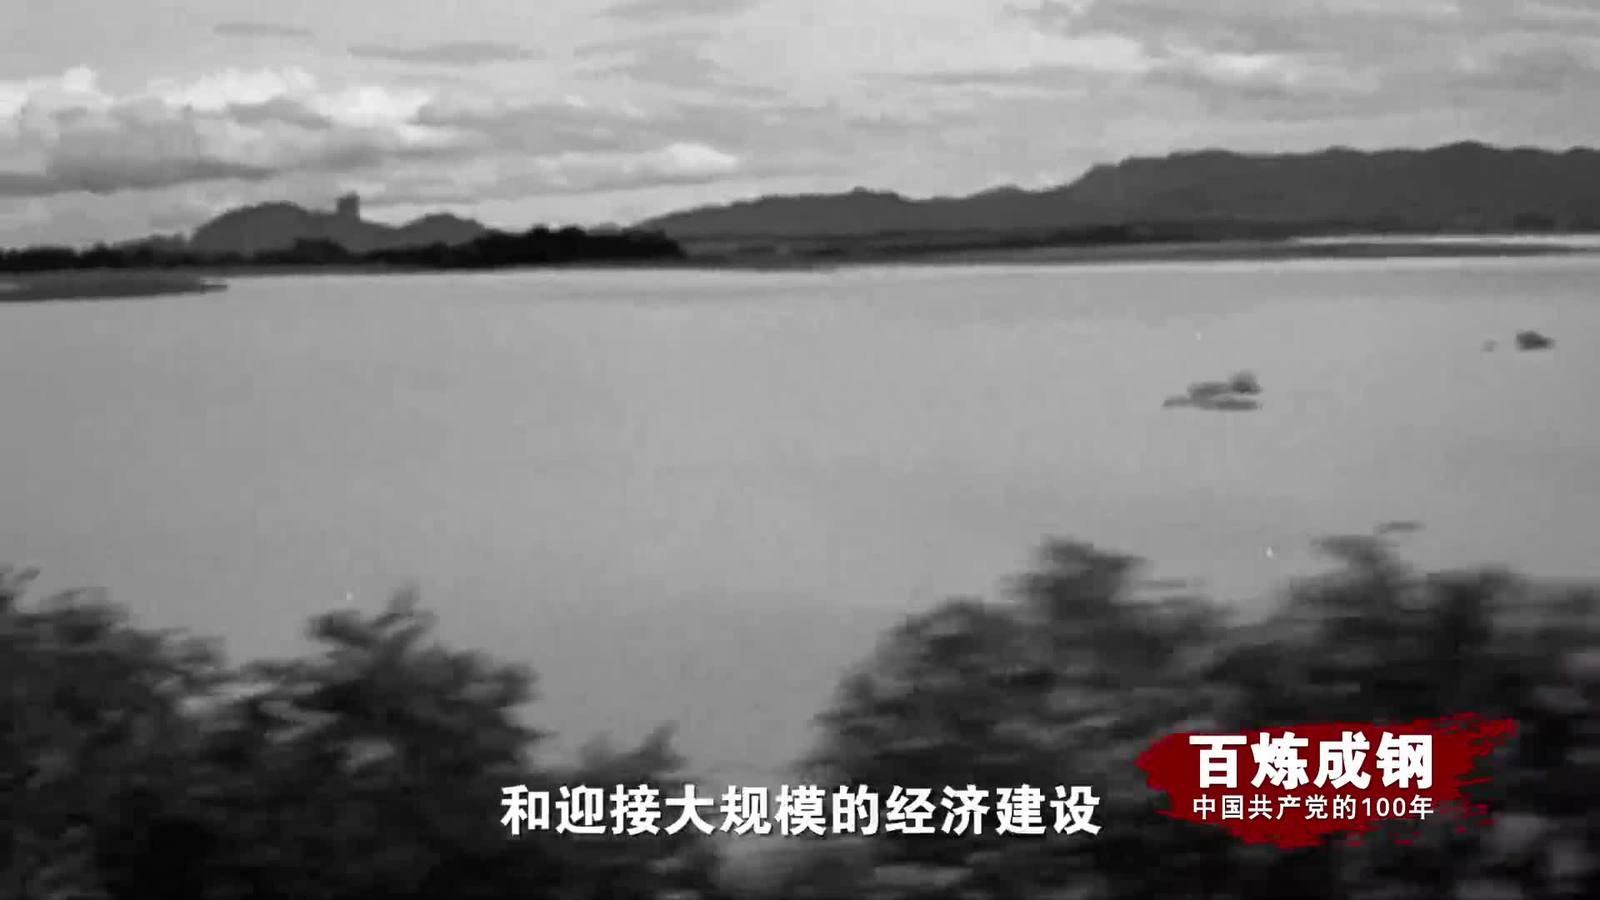 百炼成钢|中国共产党的100年 第三十二集:走自己的路